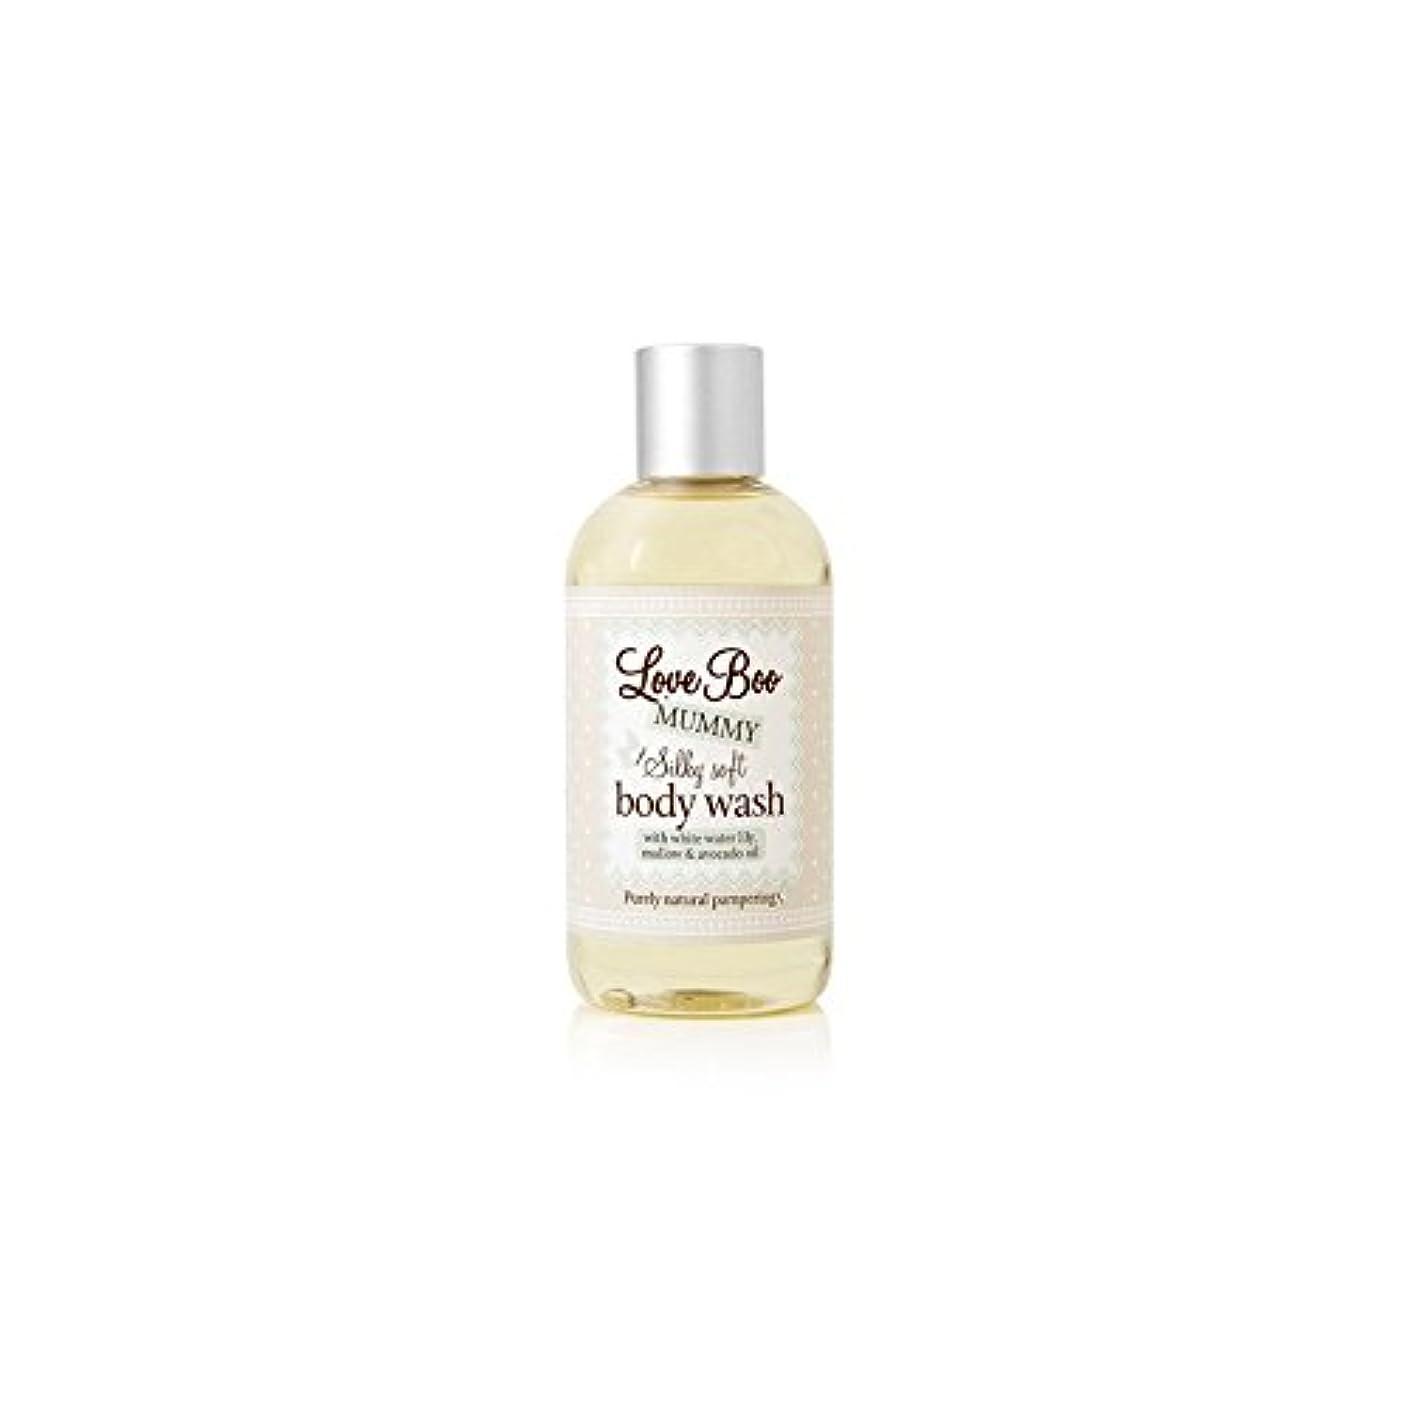 ラジウムグラディス孤児Love Boo Silky Soft Body Wash (250ml) (Pack of 6) - 絹のようなソフトボディウォッシュ(250ミリリットル)愛 x6 [並行輸入品]